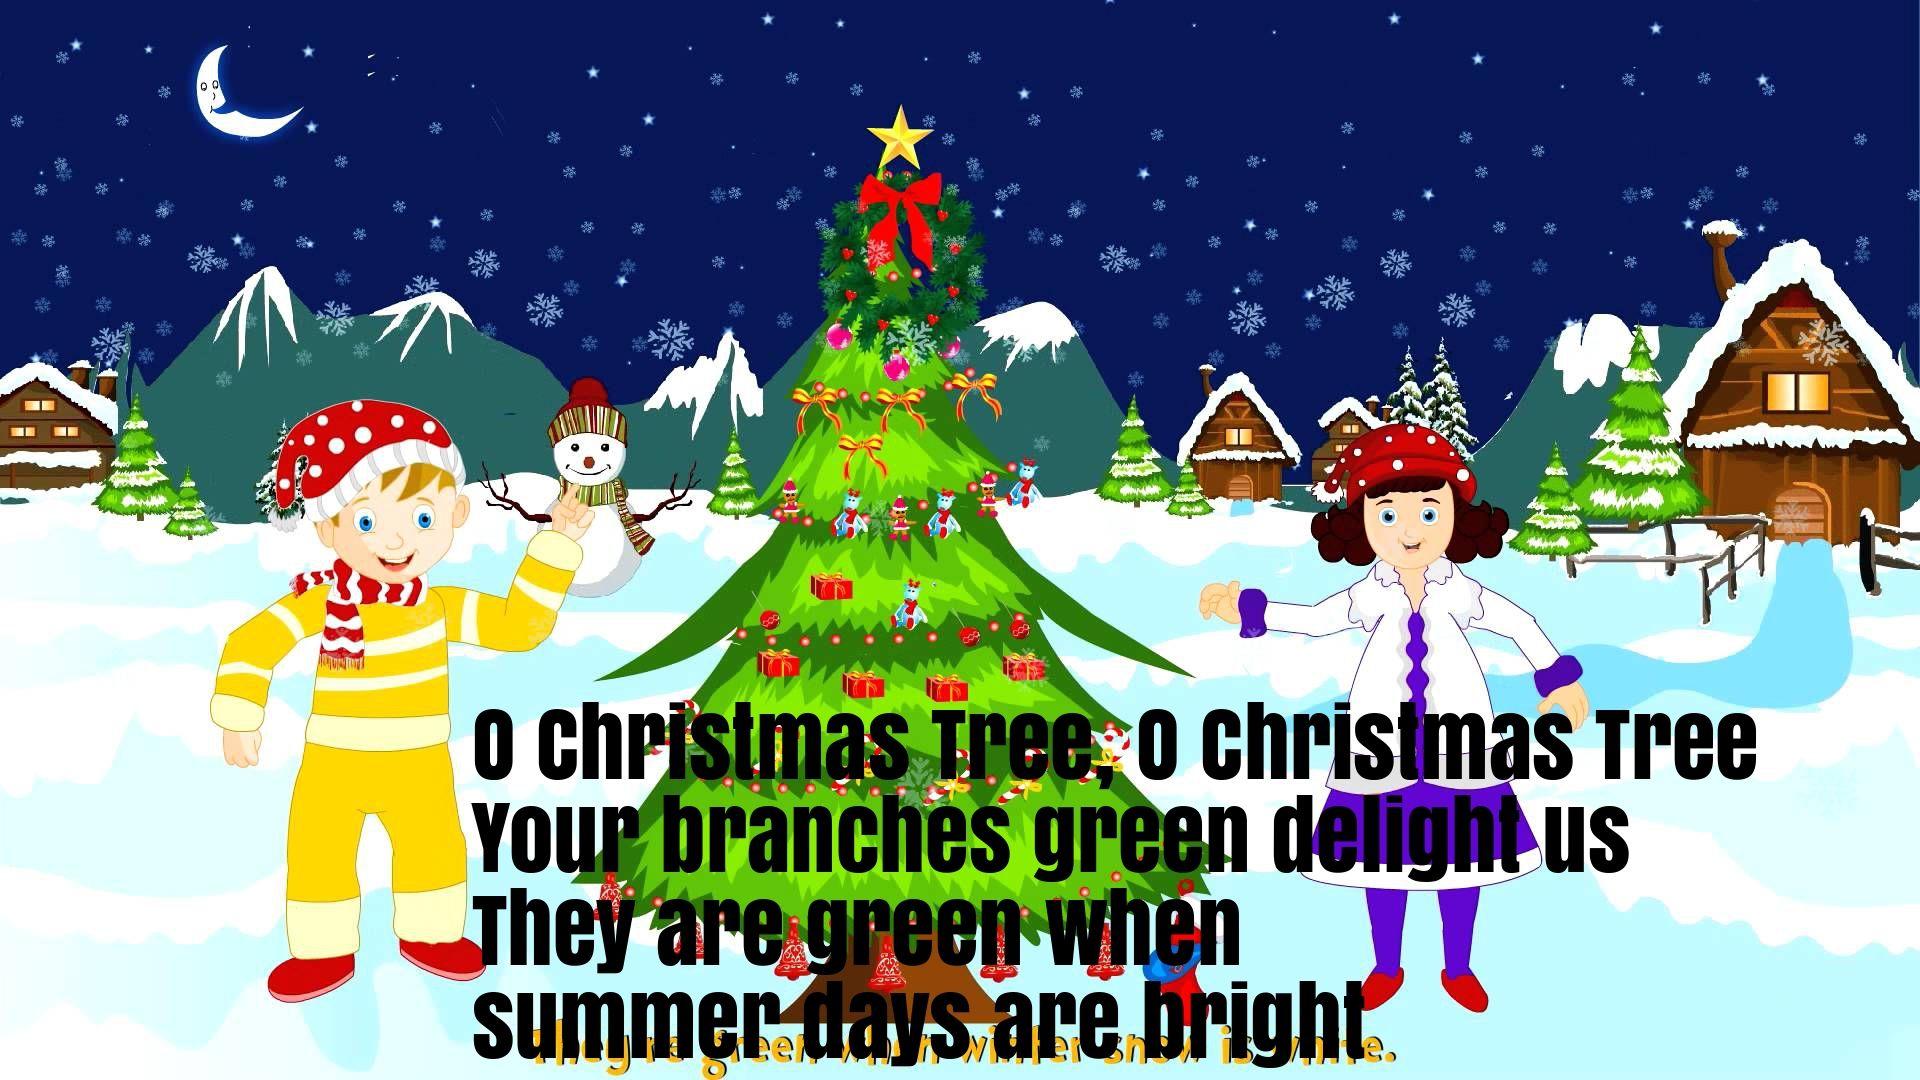 O Christmas Tree Nursery Rhyme Lyrics Nursery Rhymes Lyrics Tree Nursery Rhymes Lyrics